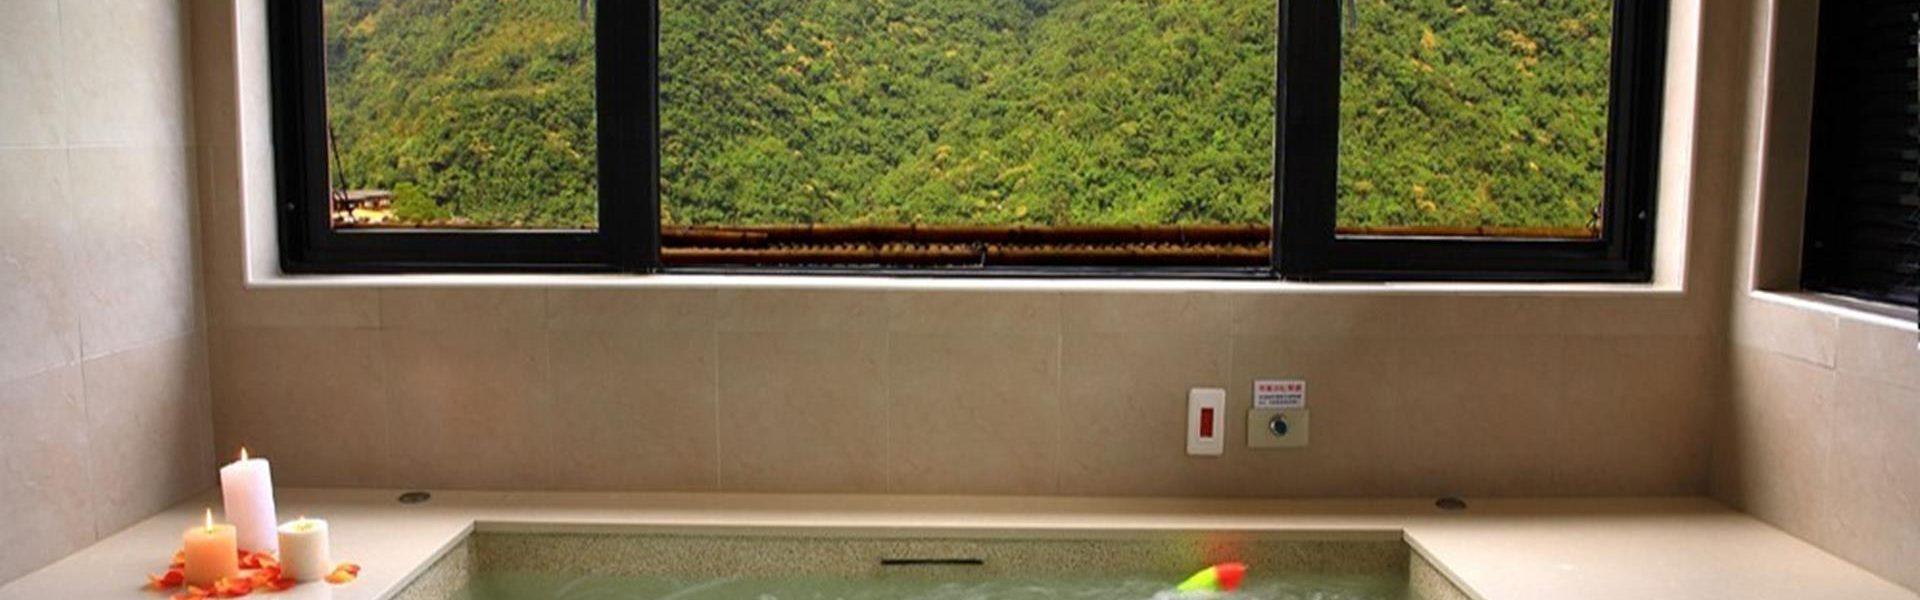 【烏來溫泉飯店推薦】隱身山林秘境!保証不踩雷的新北烏來溫泉飯店